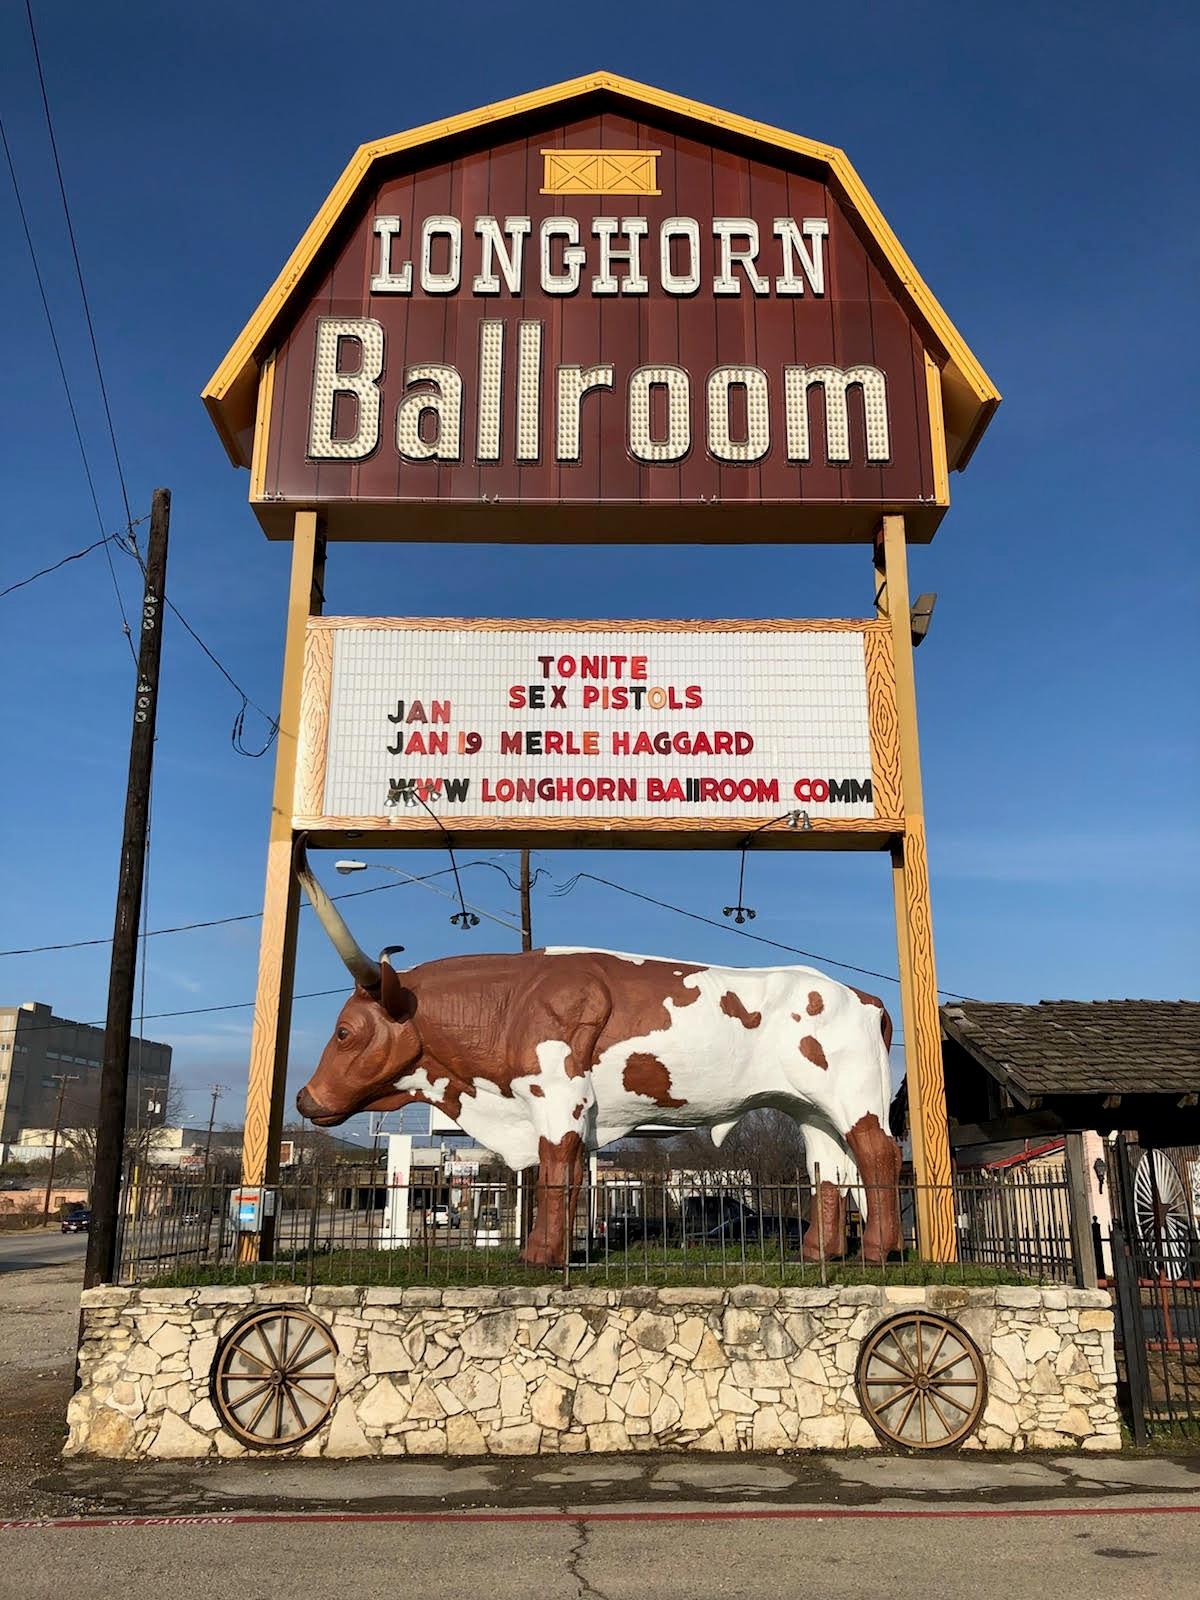 Sex pistols longhorn ballroom